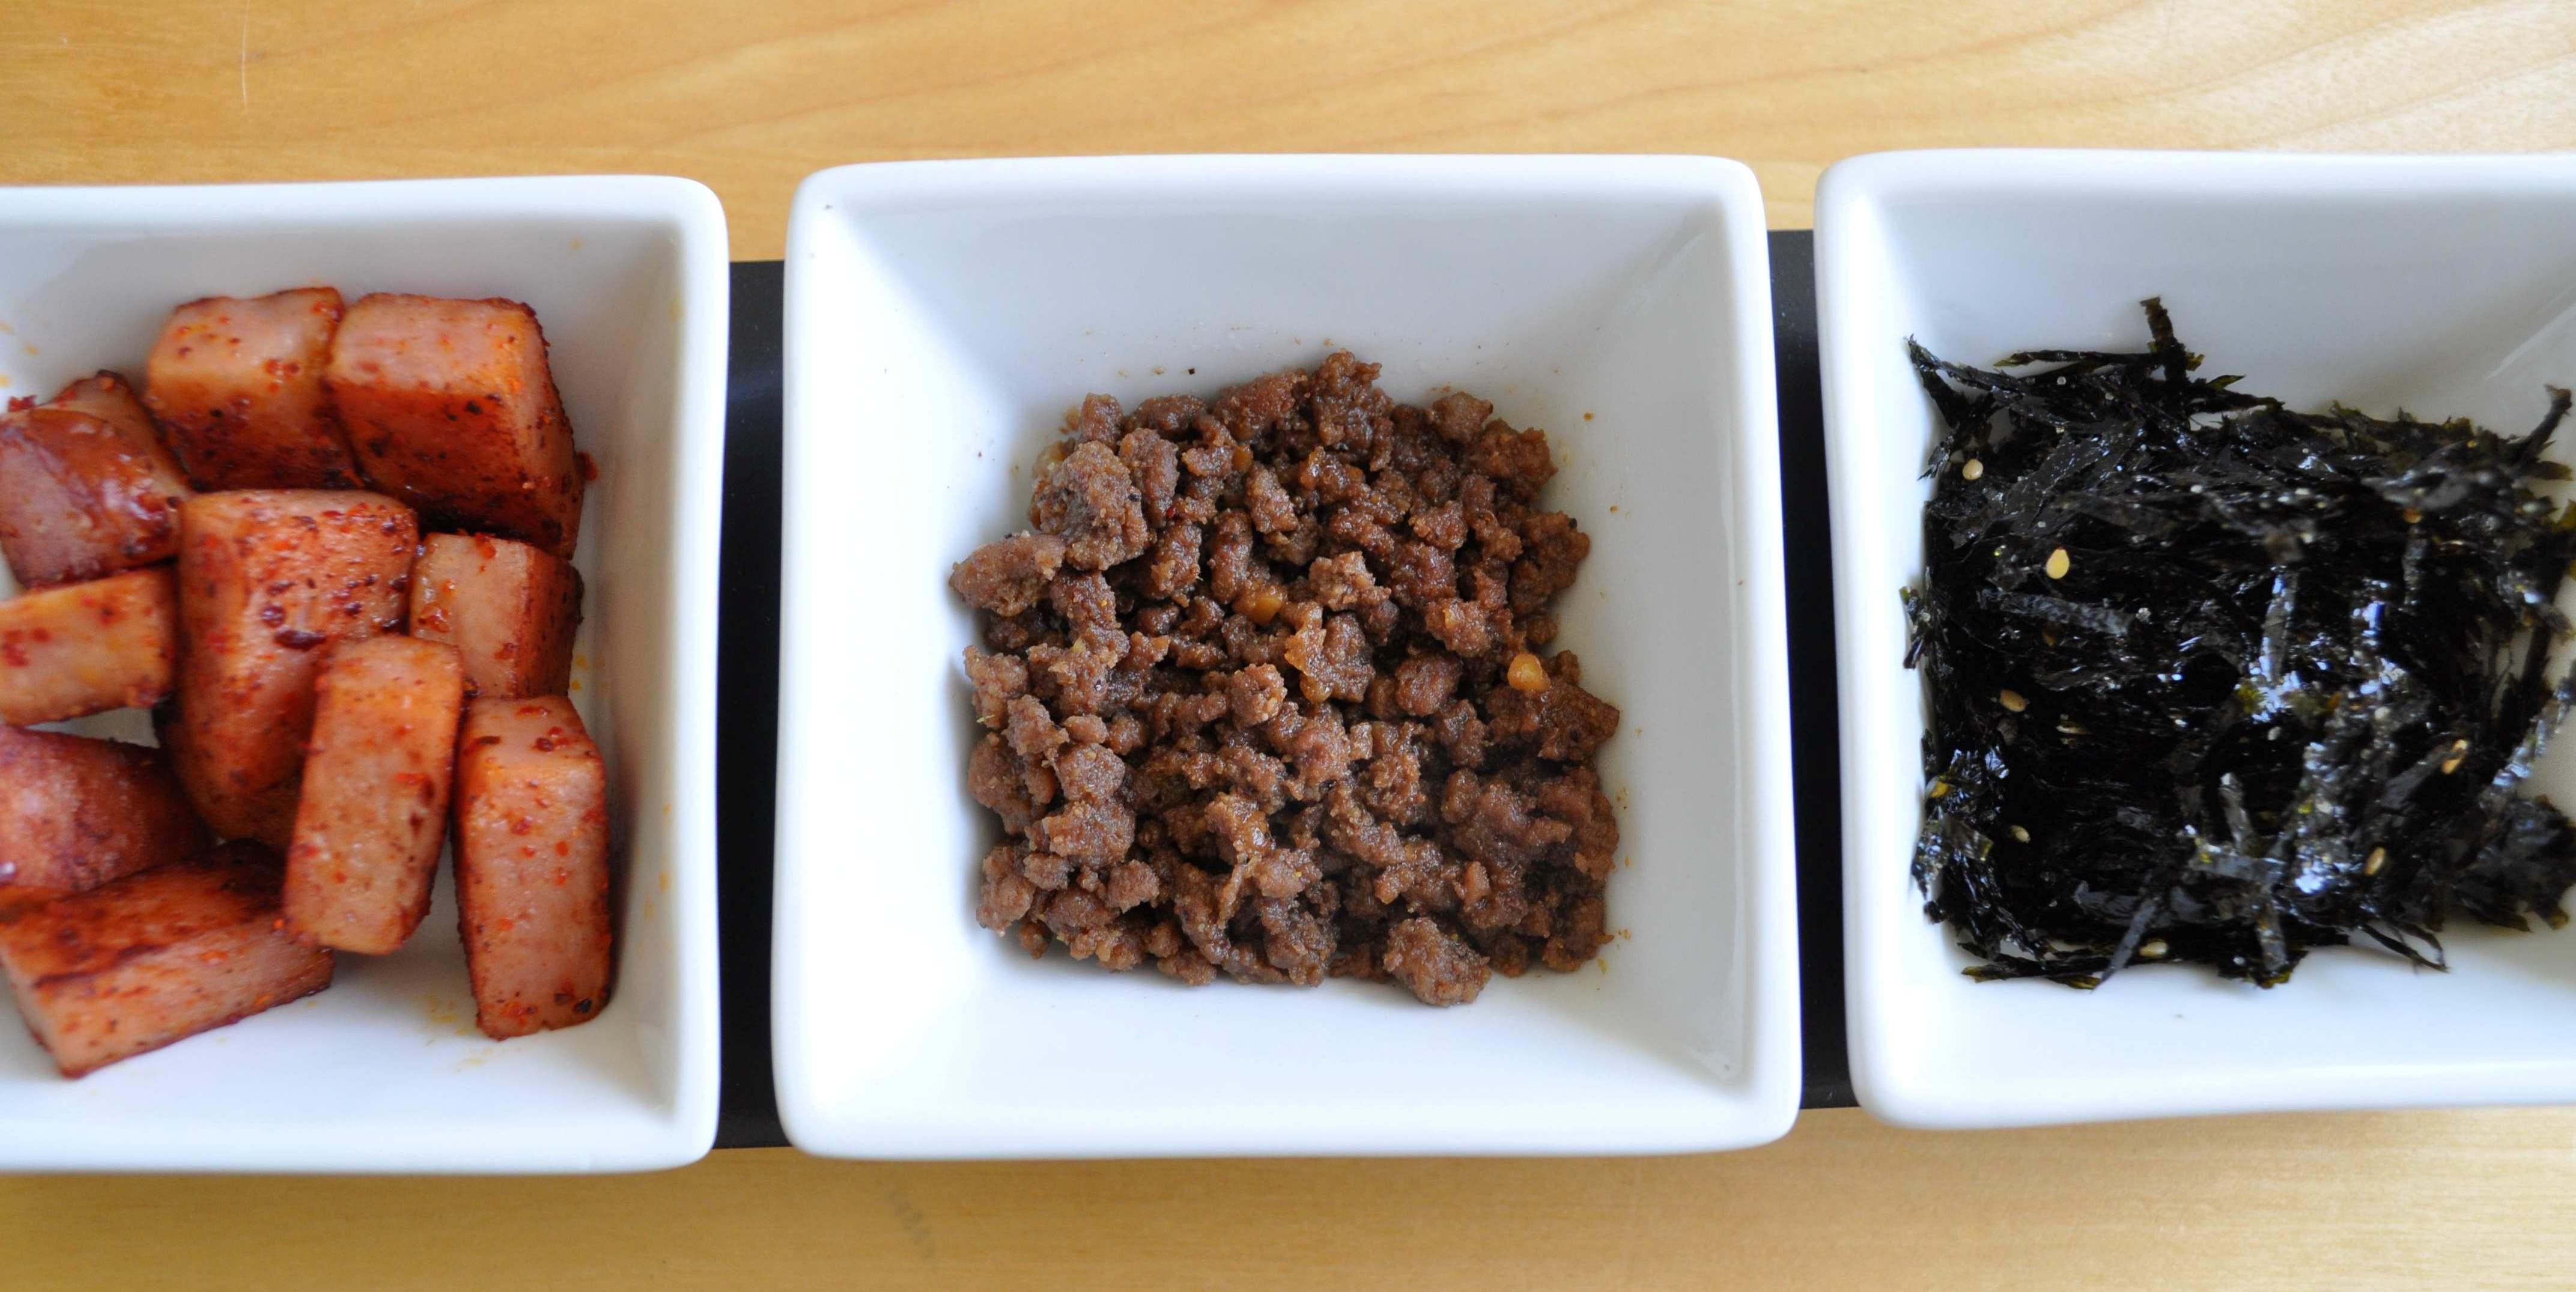 Fillings - Spam, Ground Beef, Seasoned Seaweed